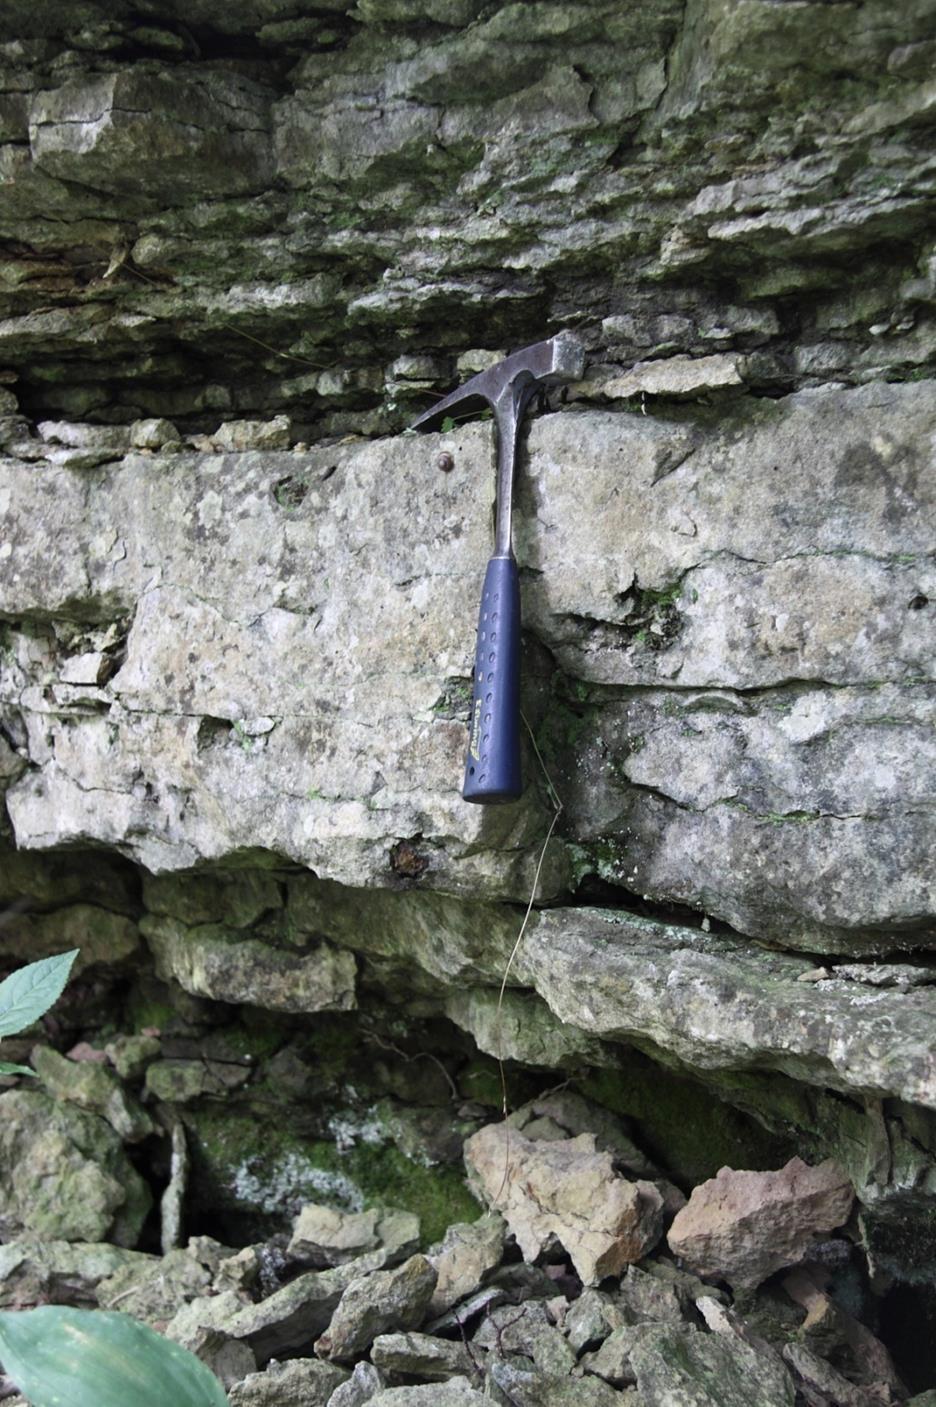 Suurupi paljandis paljanduv Suurupi kihistiku monoliitne liivakas lubjakivi (vasara peast allpool)(foto: T. Meidla, 2012).